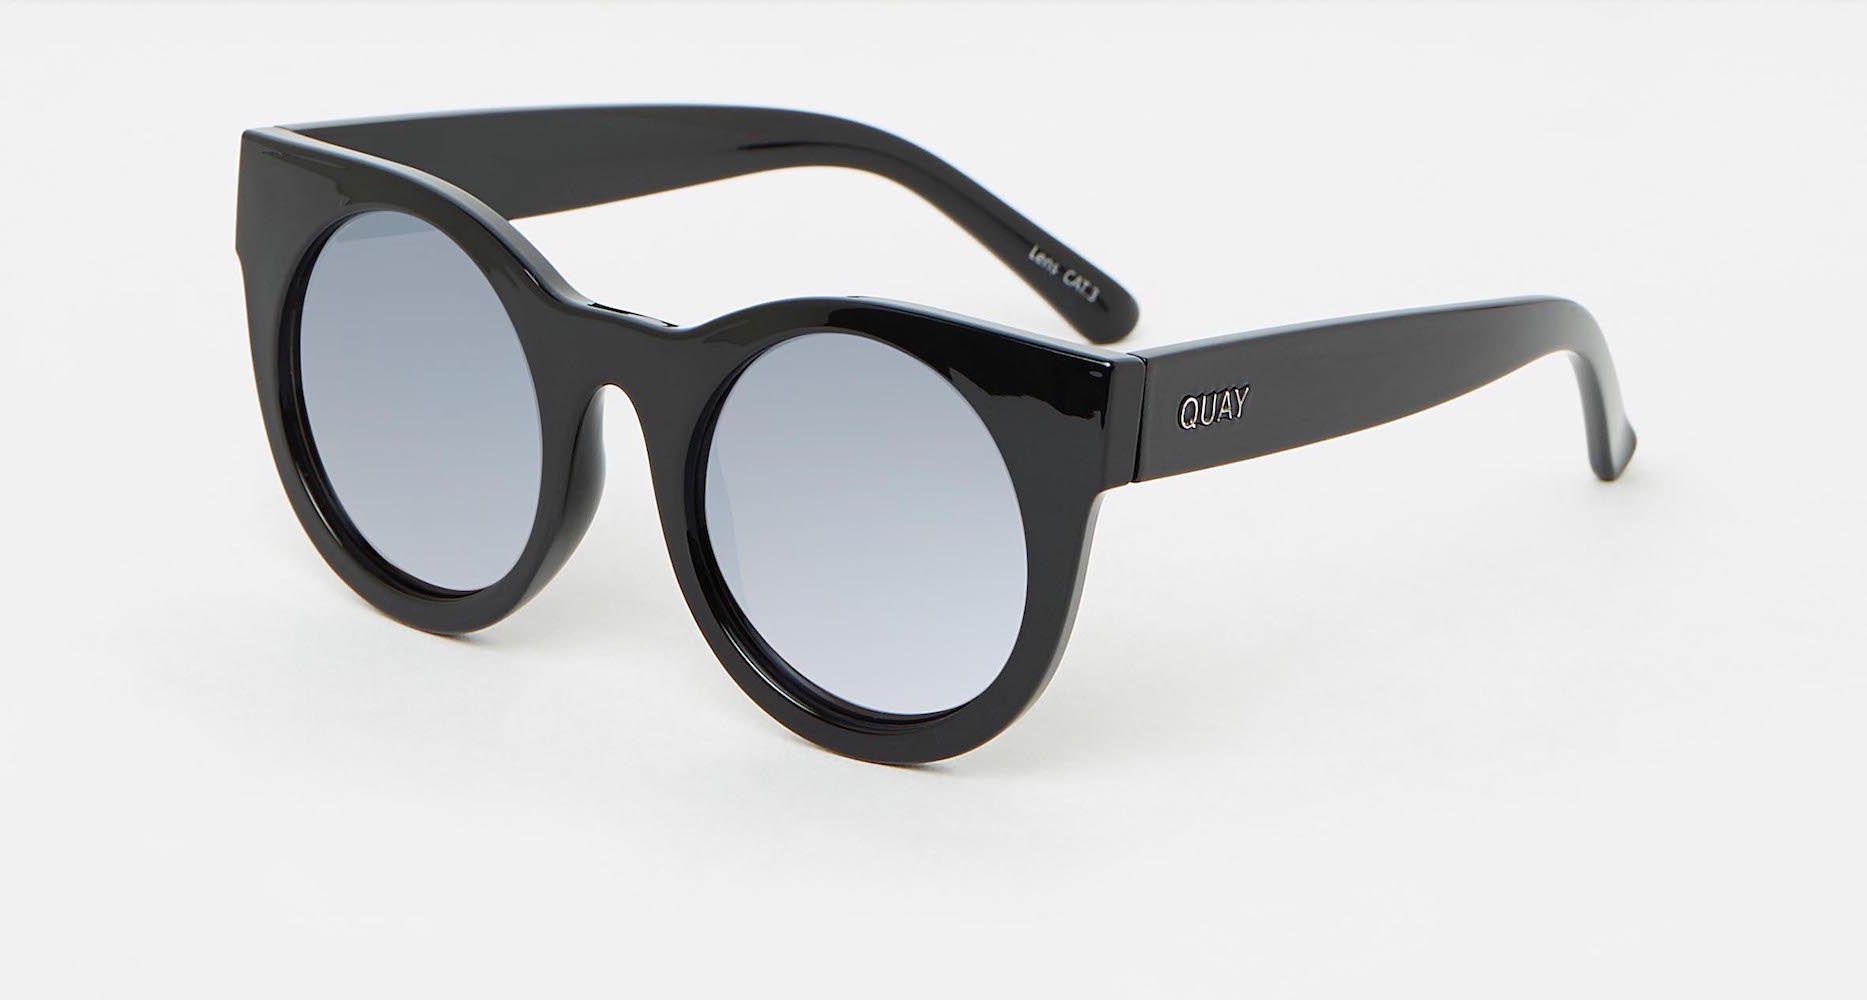 66b27f76cba Lyst - Quay Right Time Black   Lilac Mirror Sunglasses in Black